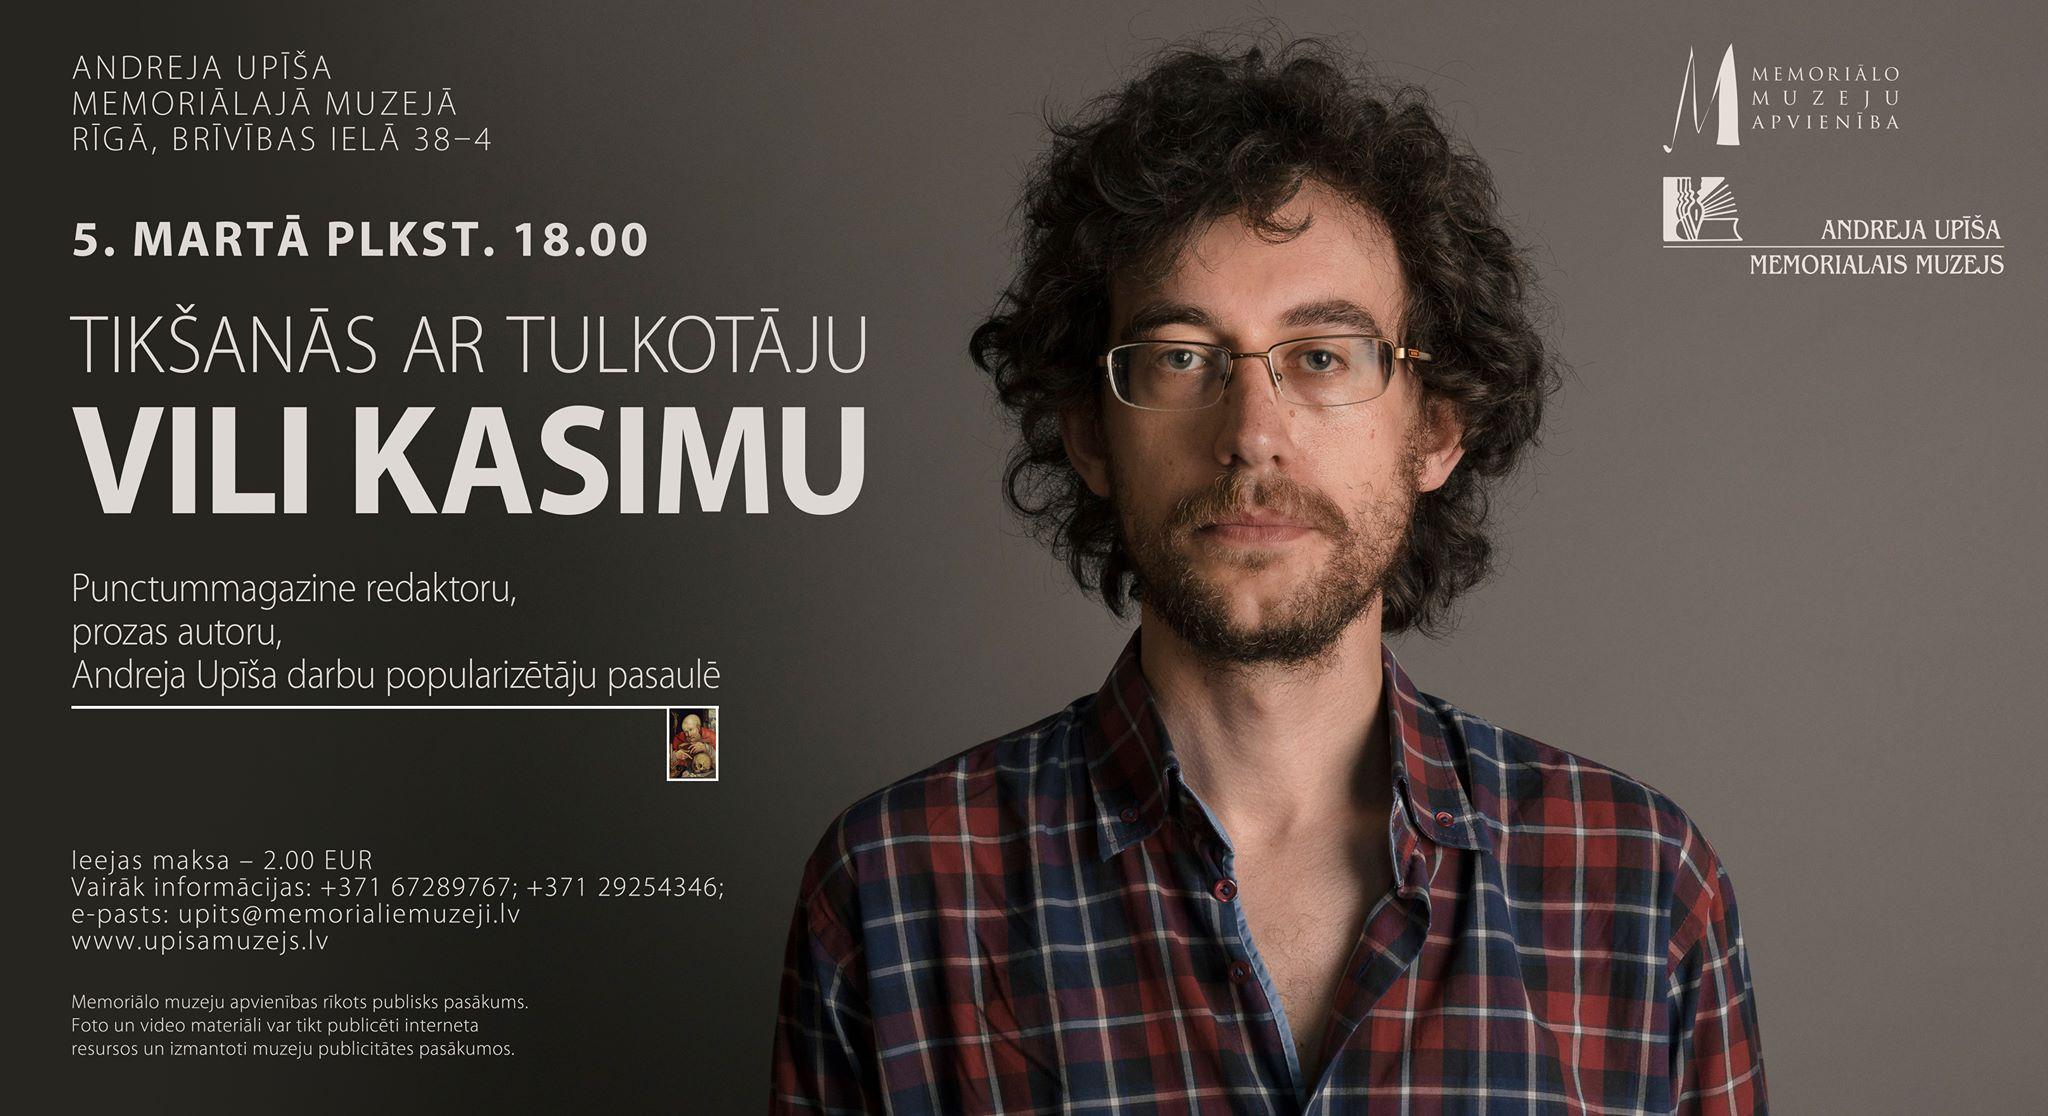 Tikšanās ar tulkotāju Vili Kasimu